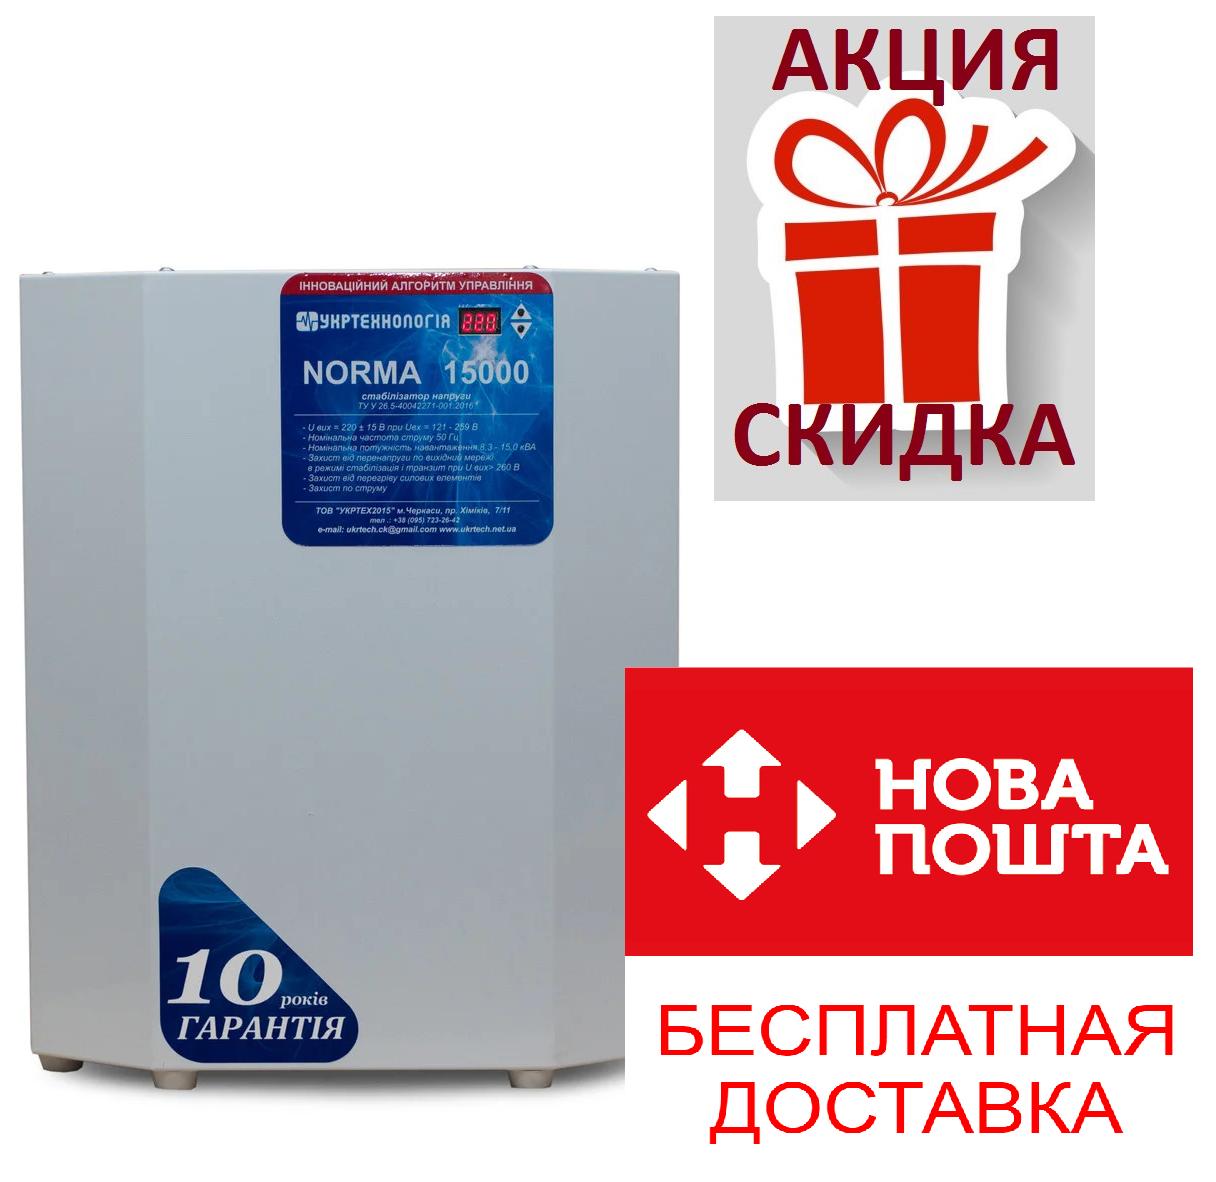 Стабилизатор напряжения NORMA 15000, симисторный стабилизатор напряжения, стабилизатор НОРМА для коттеджа